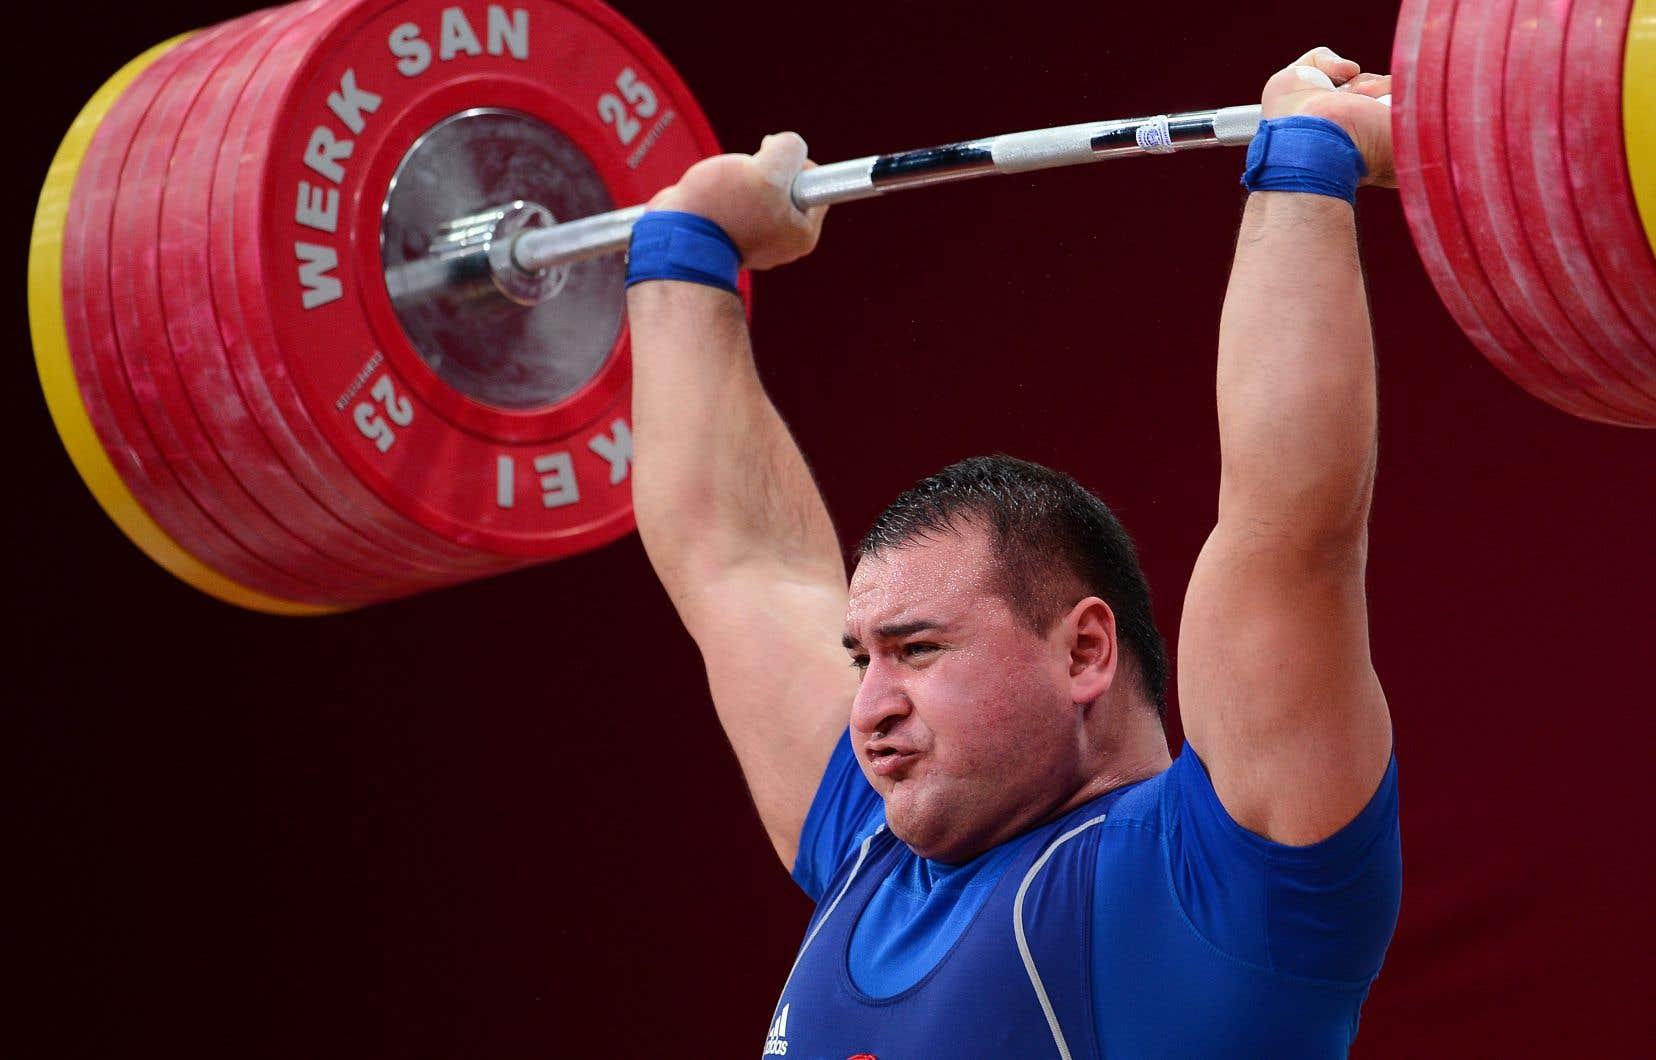 Ruslan Albegov est un double champion du monde et a remporté la médaille de bronze en juillet lors d'une épreuve test en vue des Jeux olympiques de Tokyo l'année prochaine. Il fait partie des athlètes visés par ces accusations.